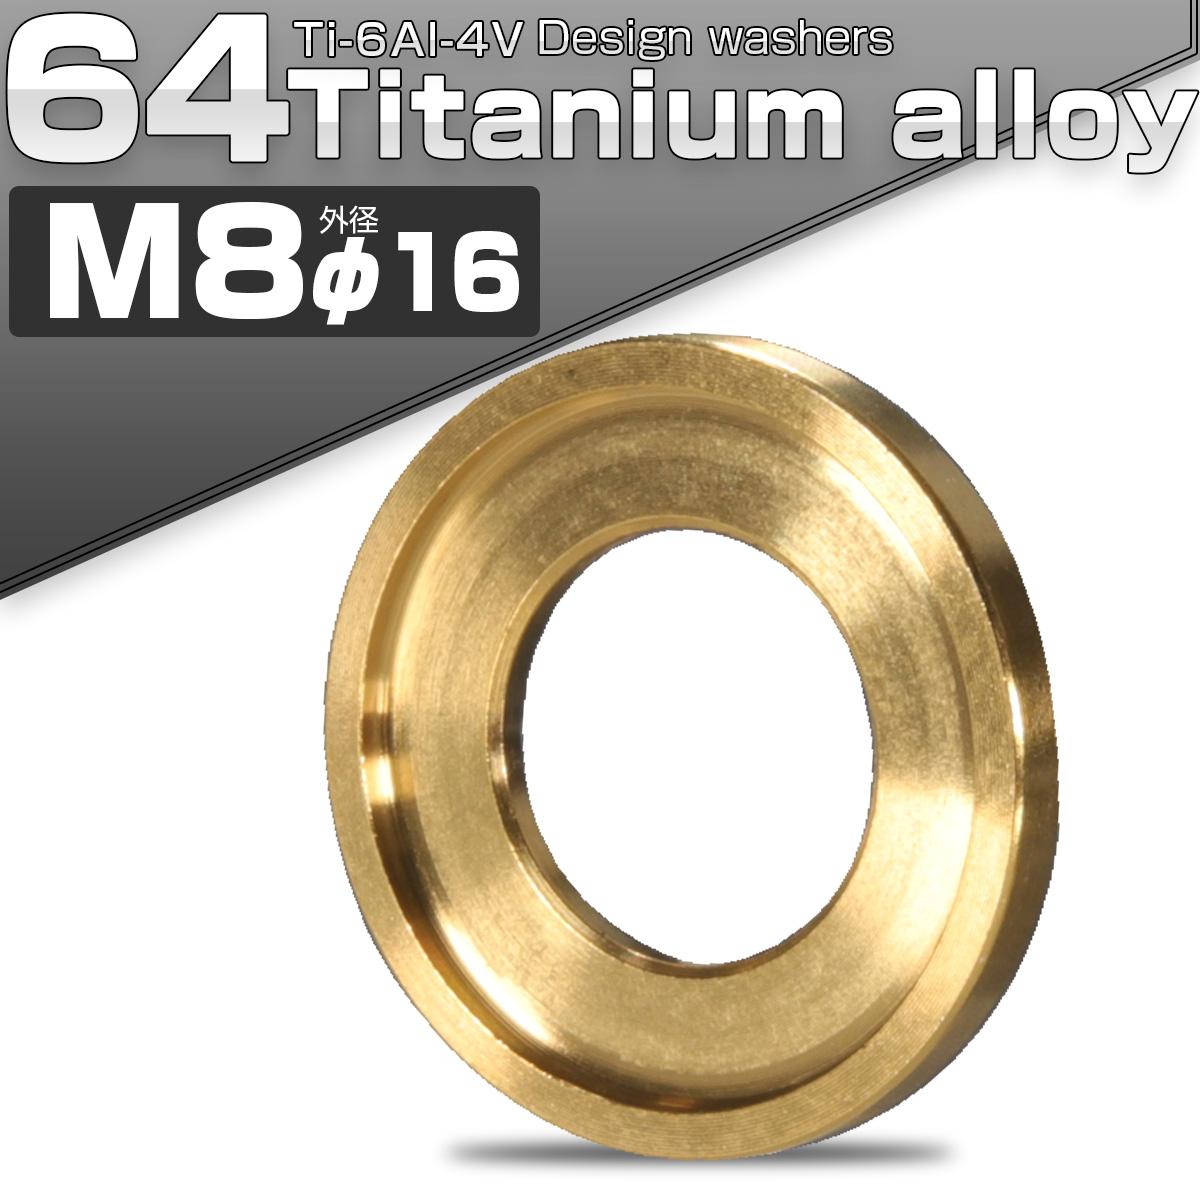 【ネコポス可】 64チタン製 M8 デザインワッシャー 外径16mm ボルト座面枠付き ゴールド JA517